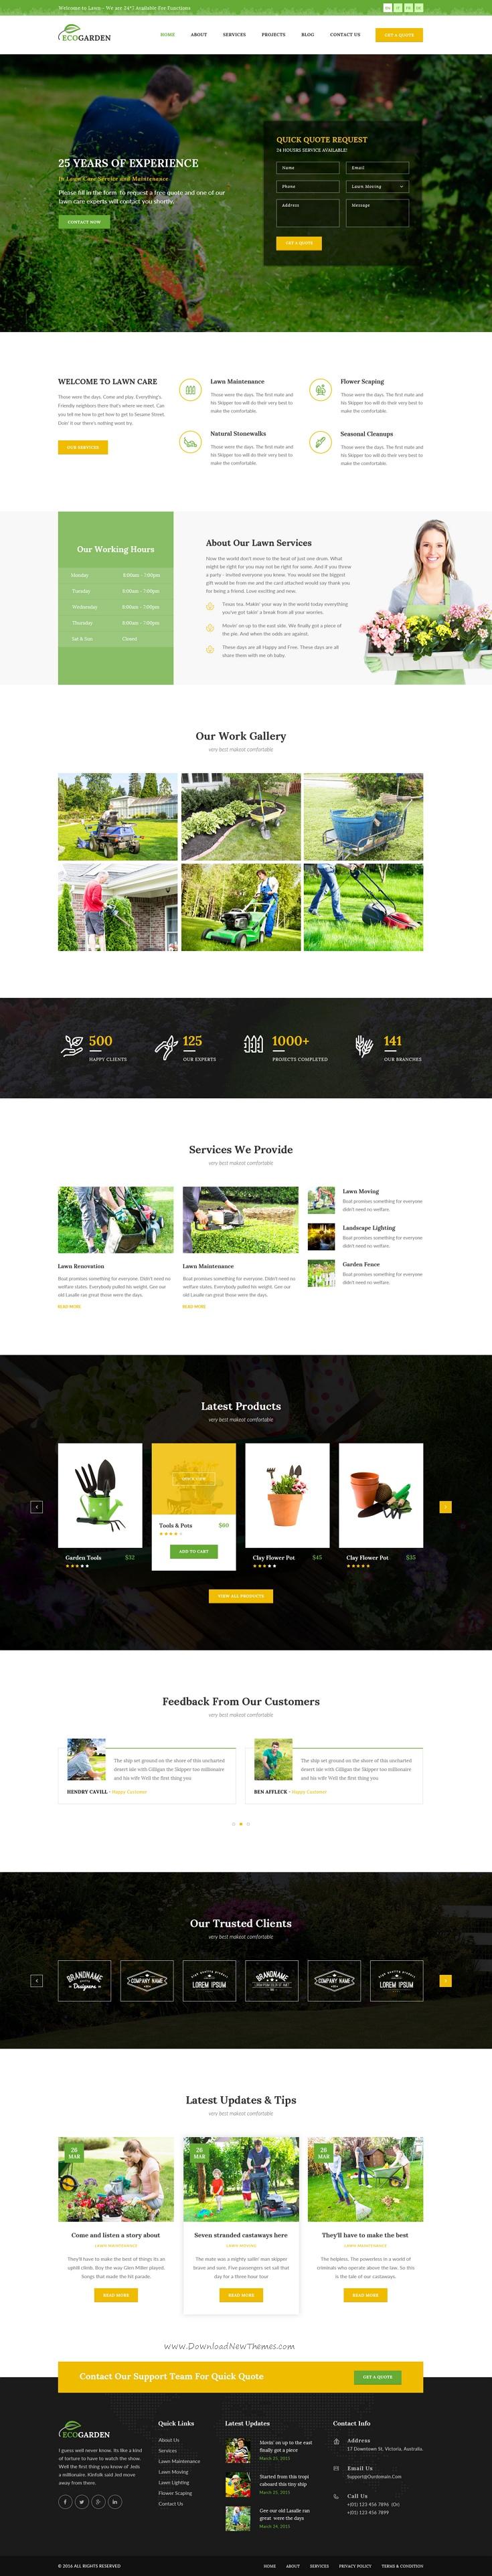 Eco Garden Lawn Gardening Psd Template Psd Templates Eco Garden Website Design Services